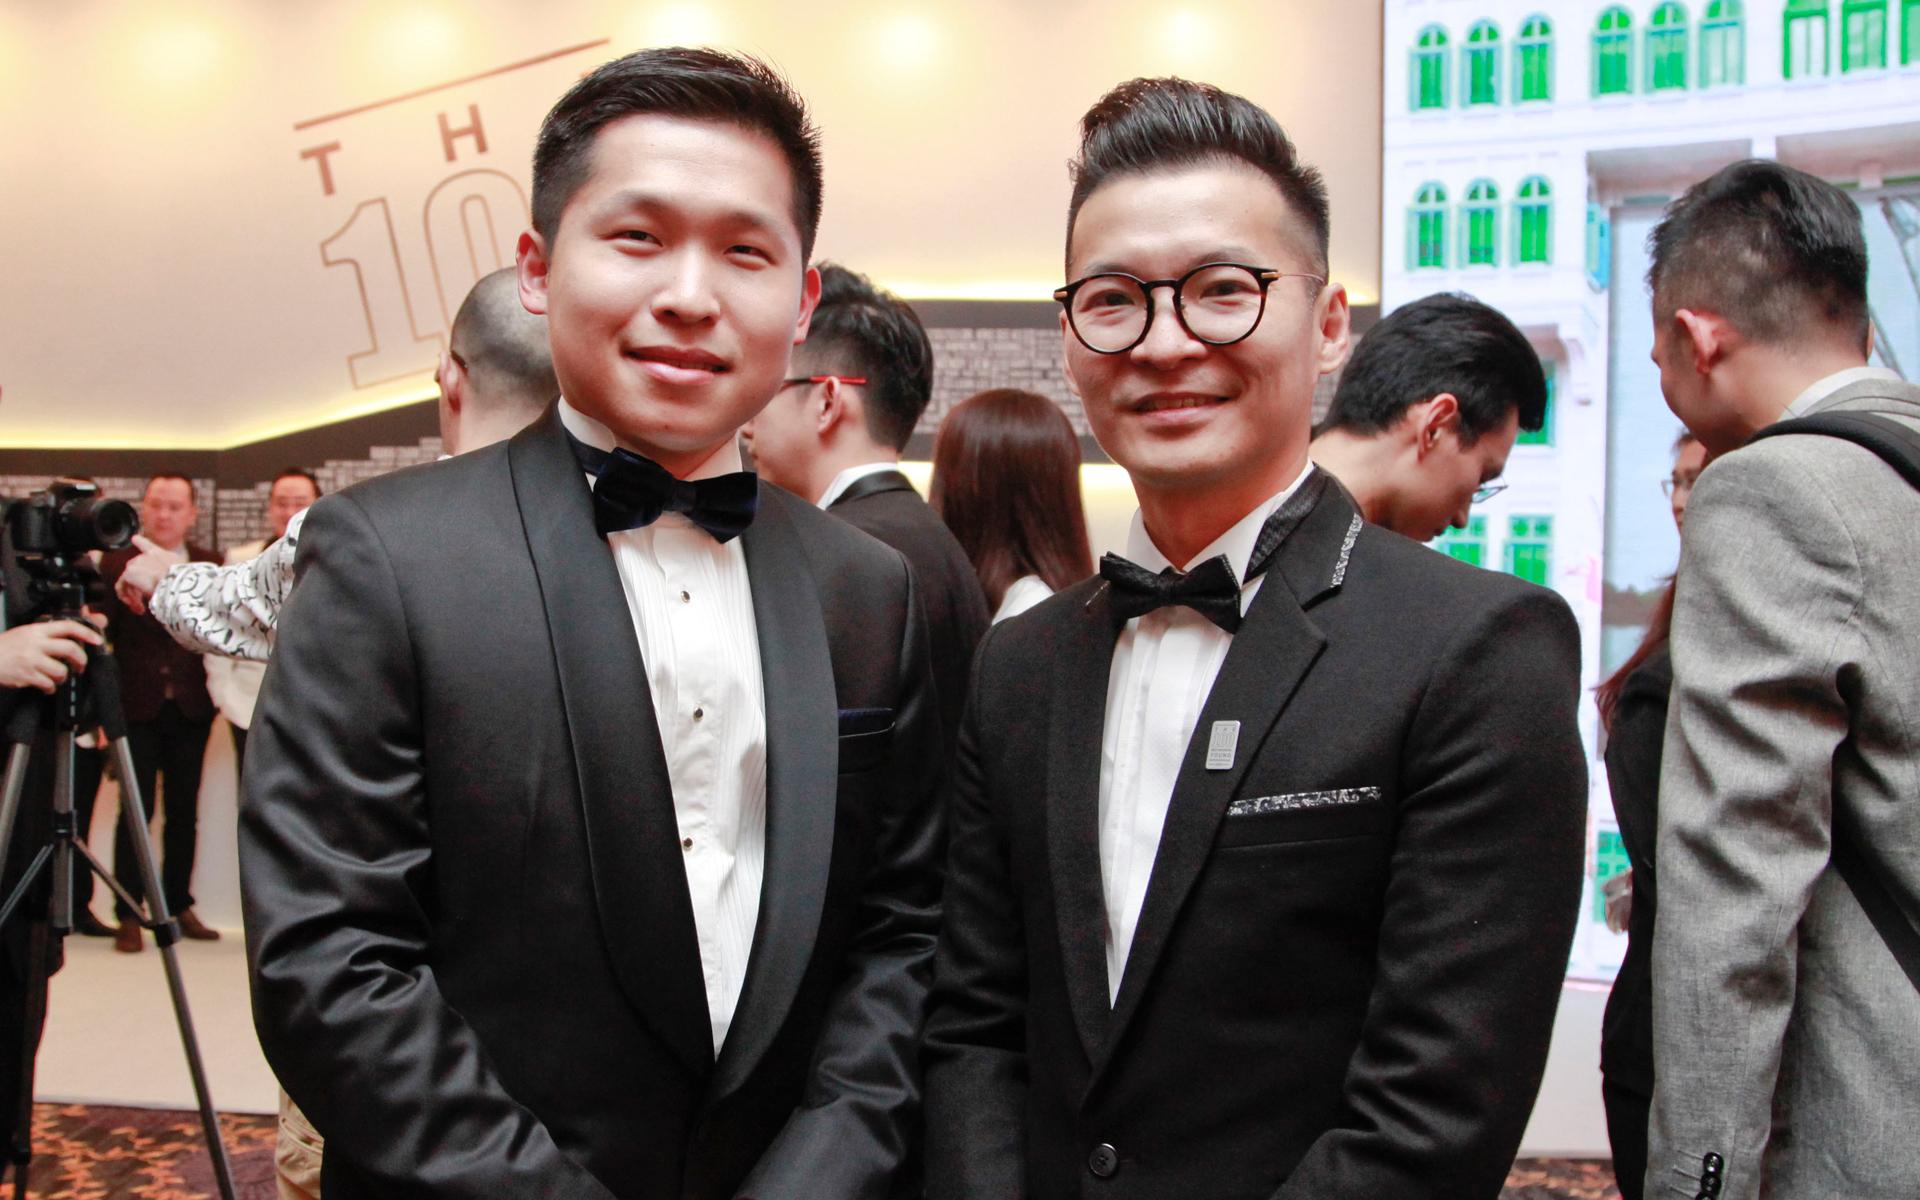 William Tang Chee Weng and Yiewin Kang